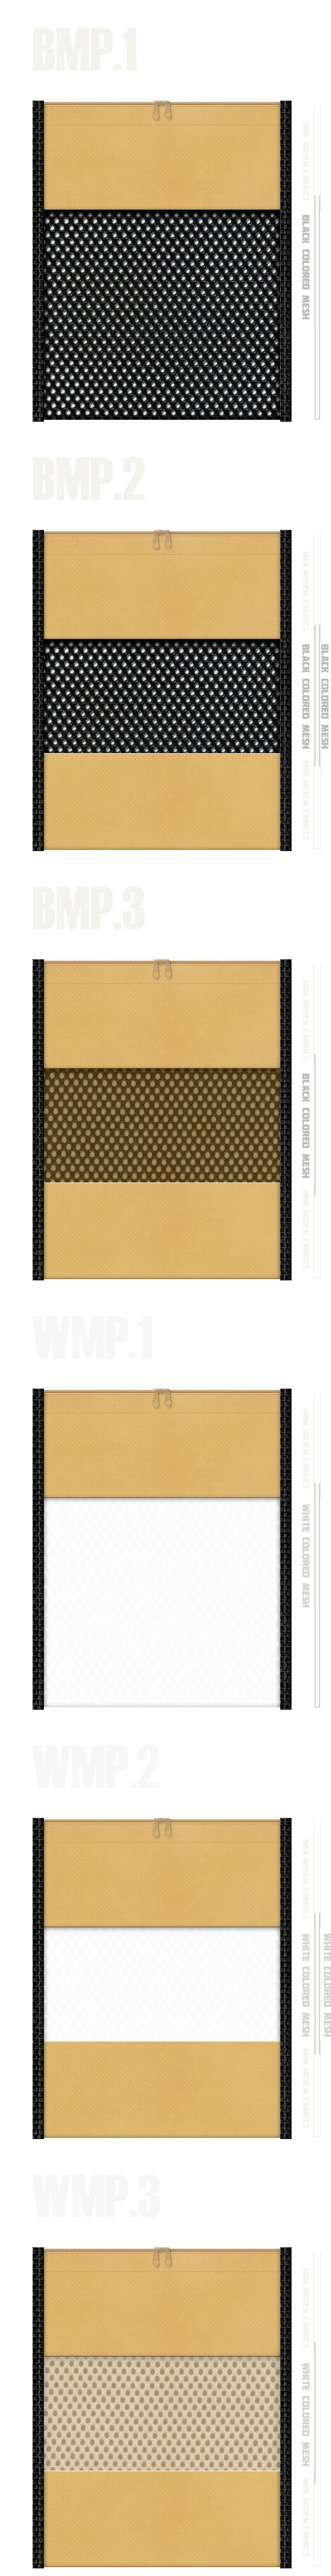 メッシュポーチのカラーシミュレーション:黒色・白色メッシュと薄黄土色不織布の組み合わせ